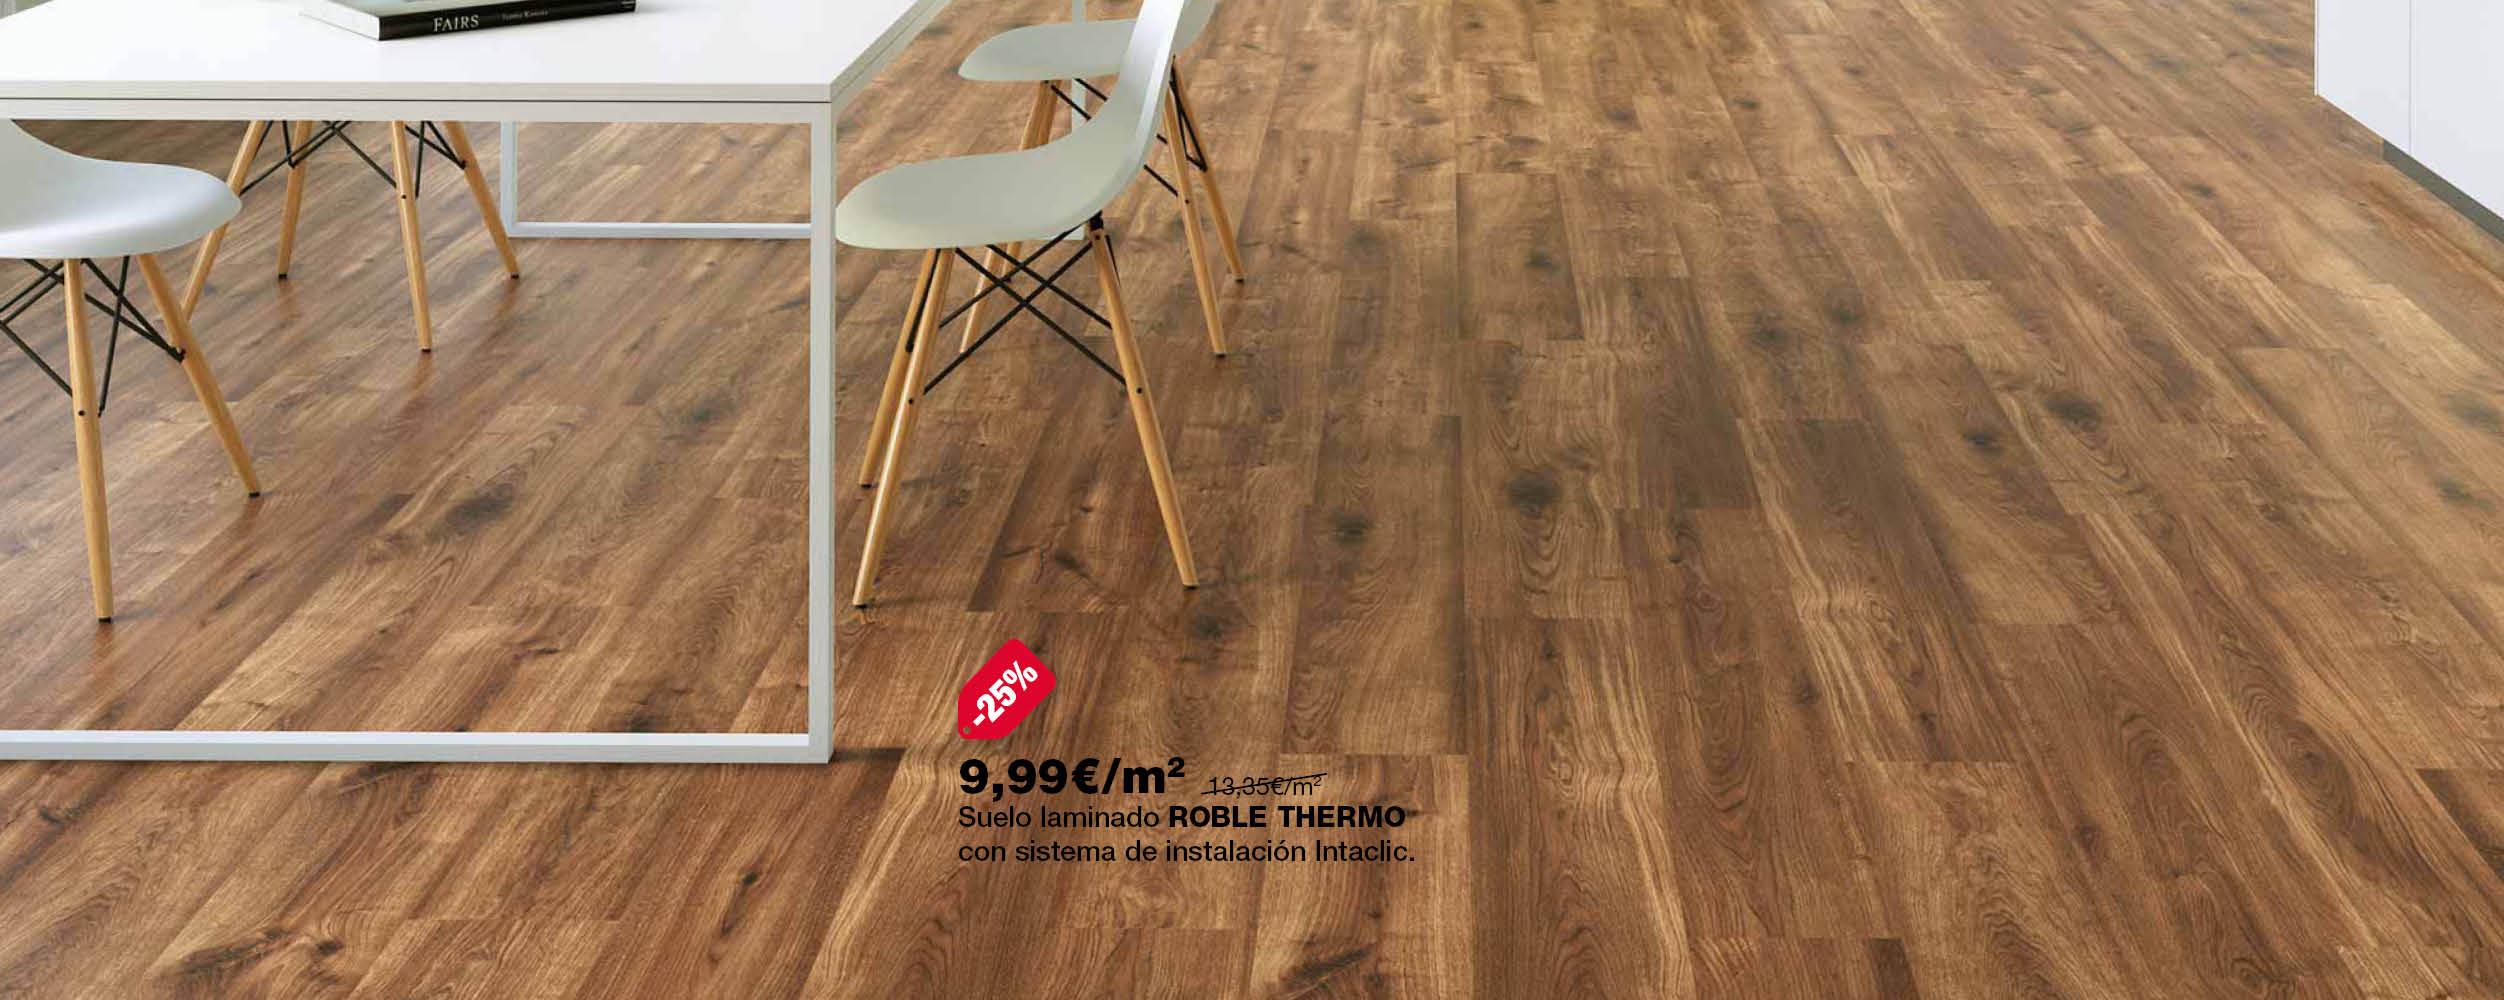 cerámica-suelo laminado-madera-suelo-oferta